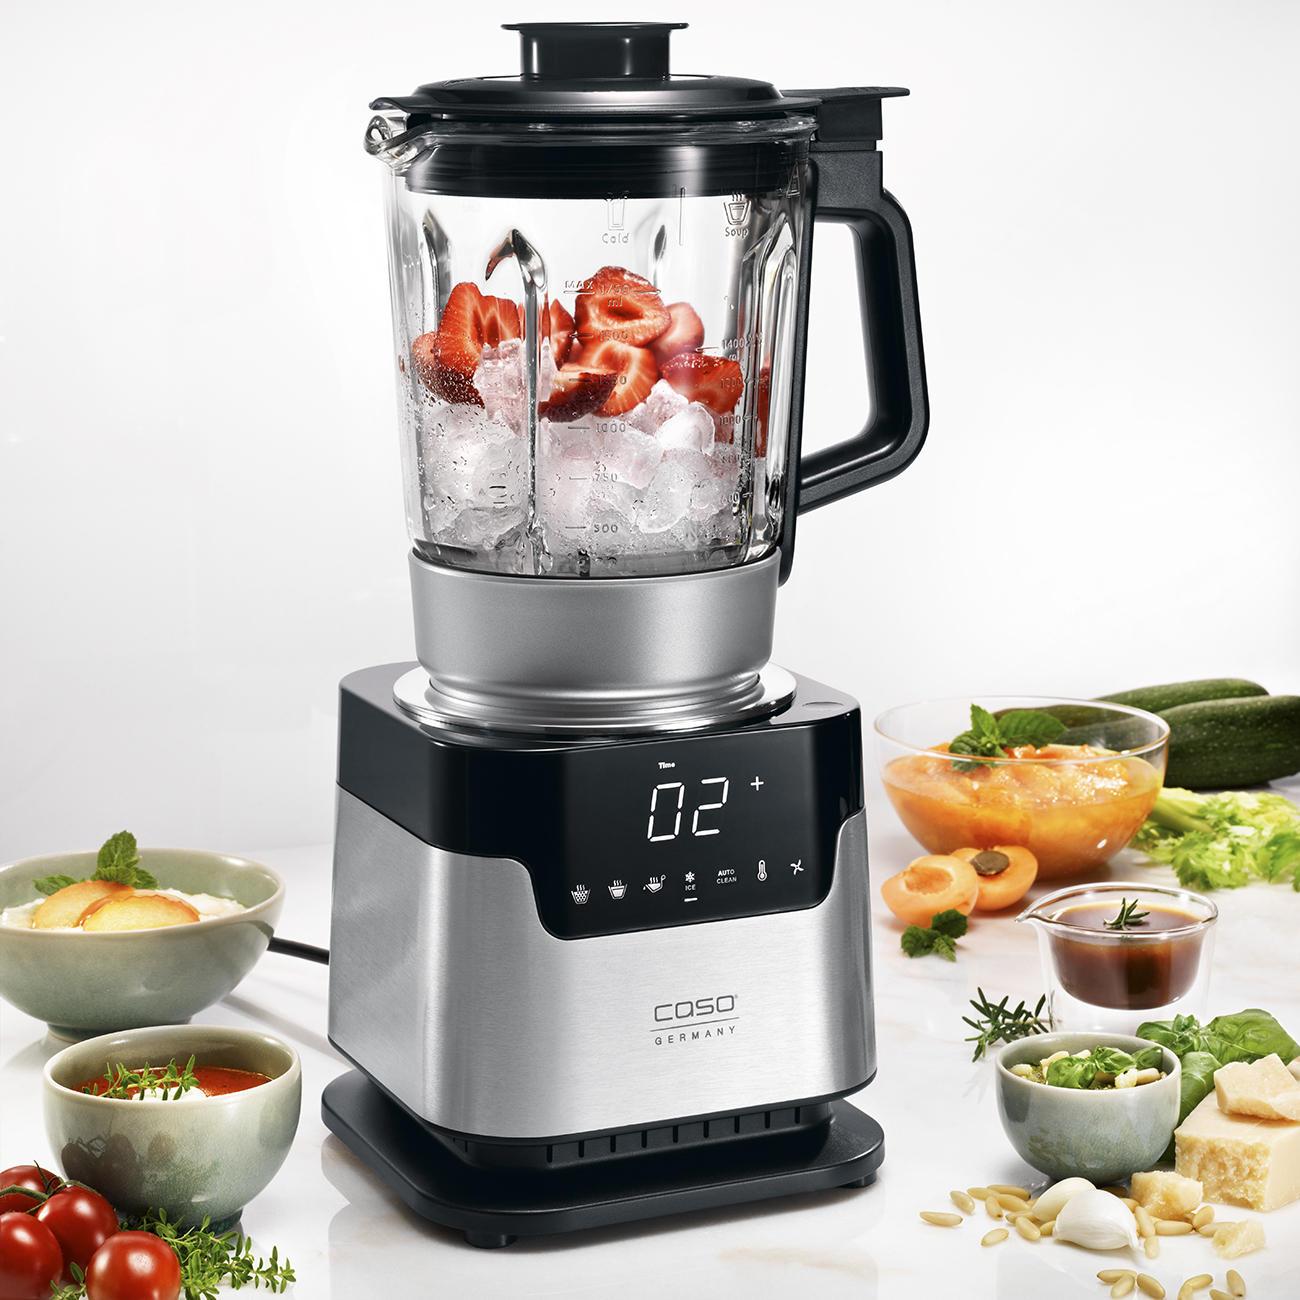 Robot cuiseur caso garantie produit de 3 ans - Robot qui chauffe et mixe ...